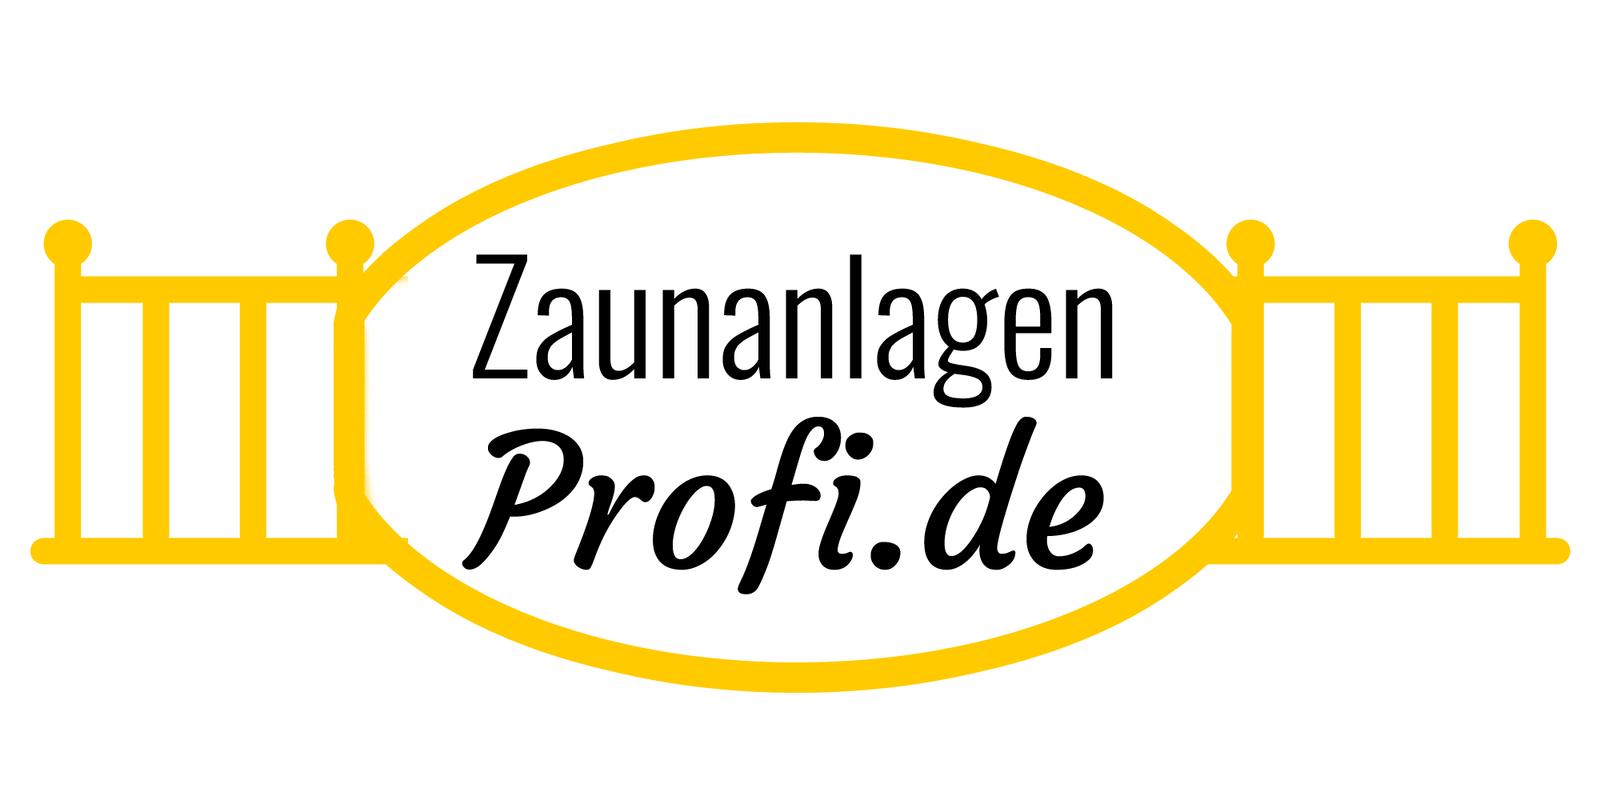 Zaunanlagen-Profi.de